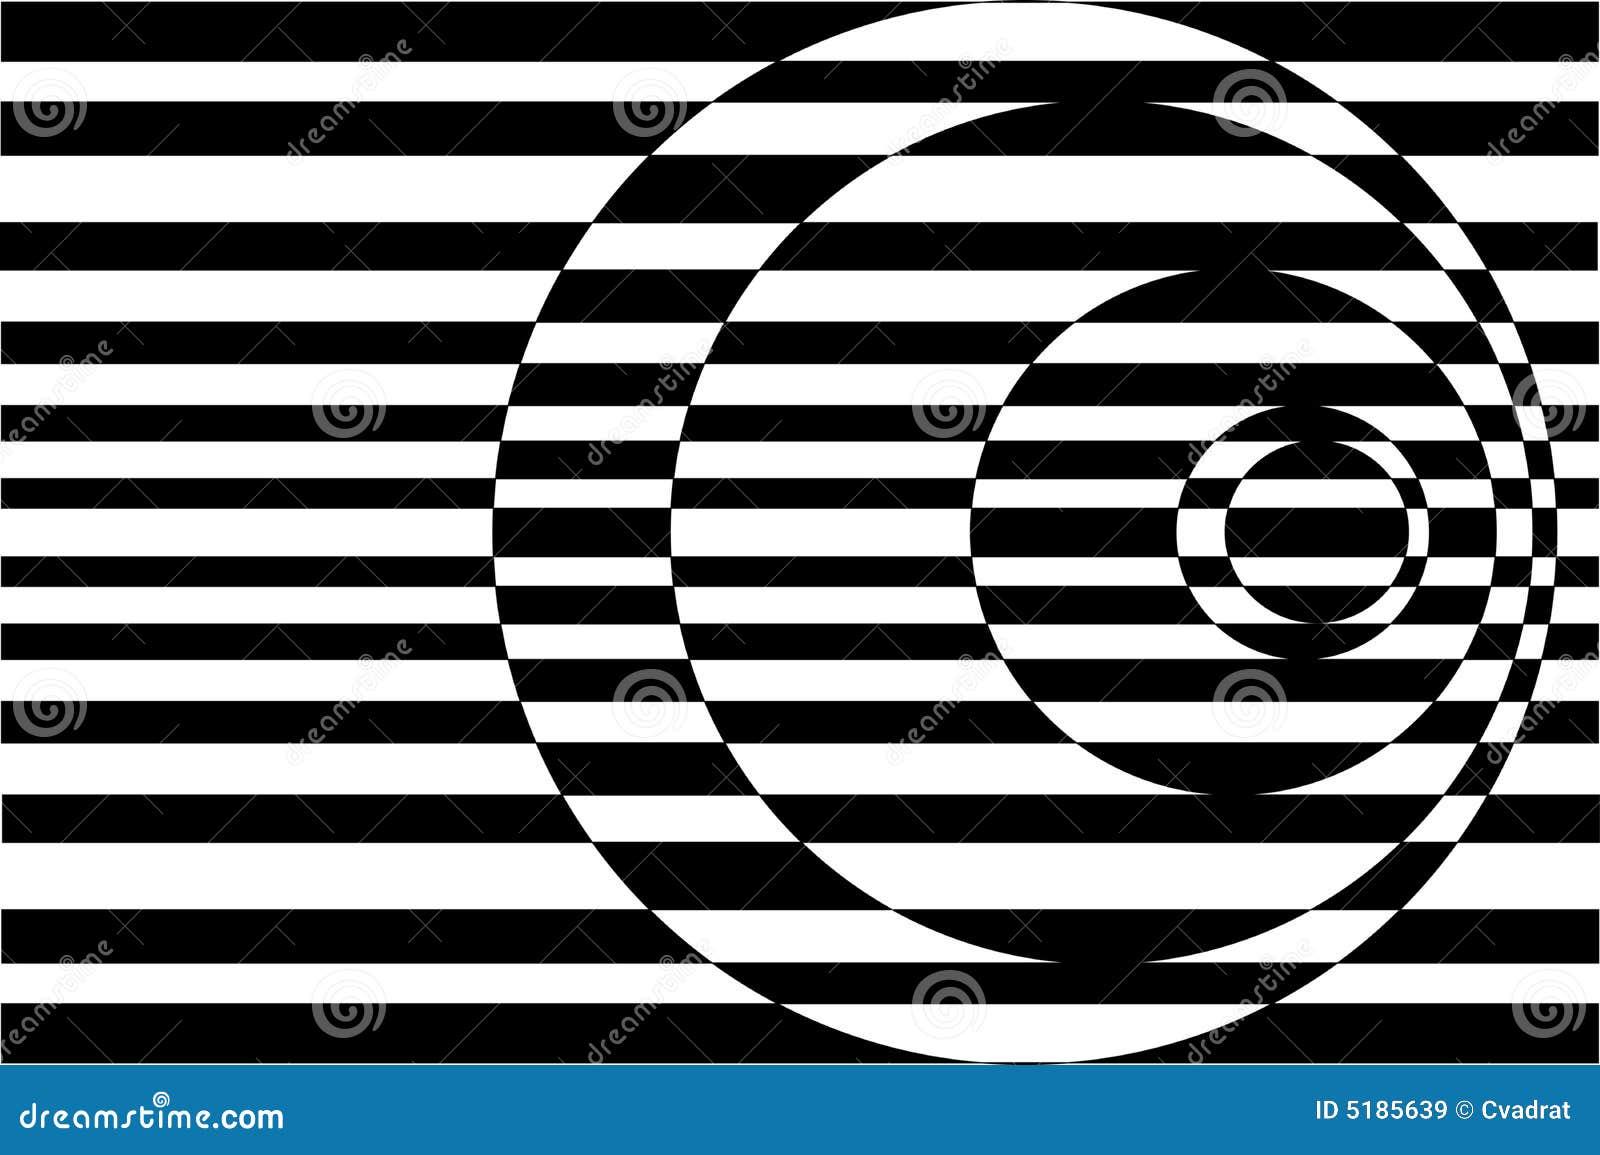 Arte de Op. Sys. que pone en contraste negro/blanco de los círculos concéntricos